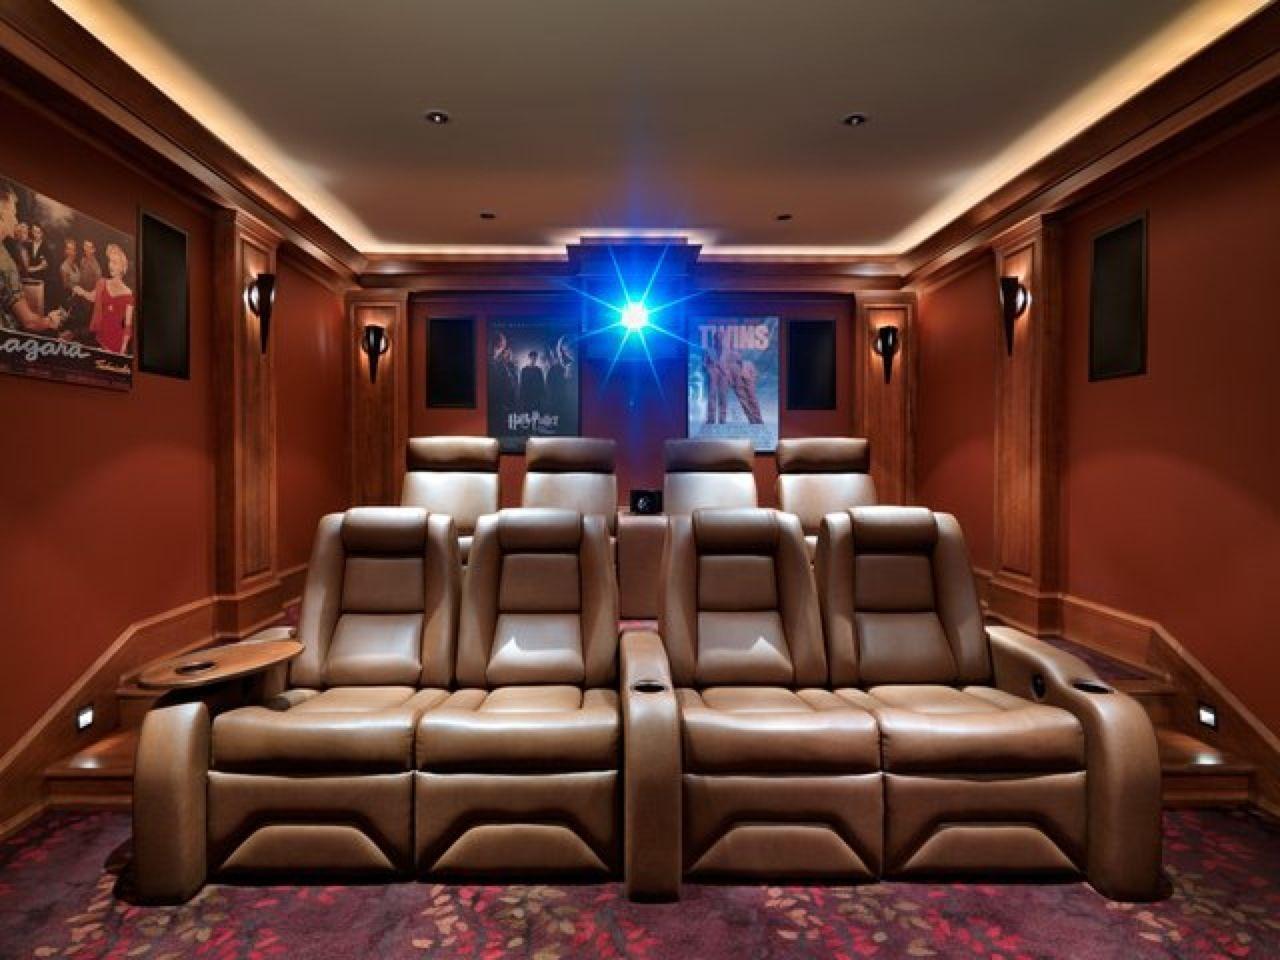 Une petite salle de ciné privée pour la route